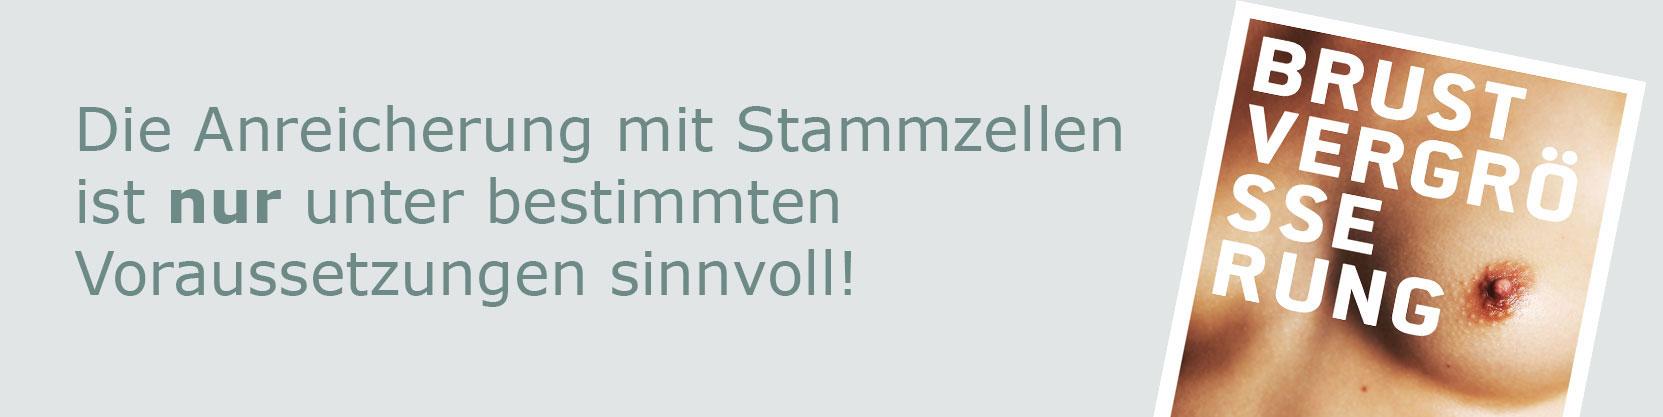 Brustvergrößerung-mit-Stammzellen-in-Österreich